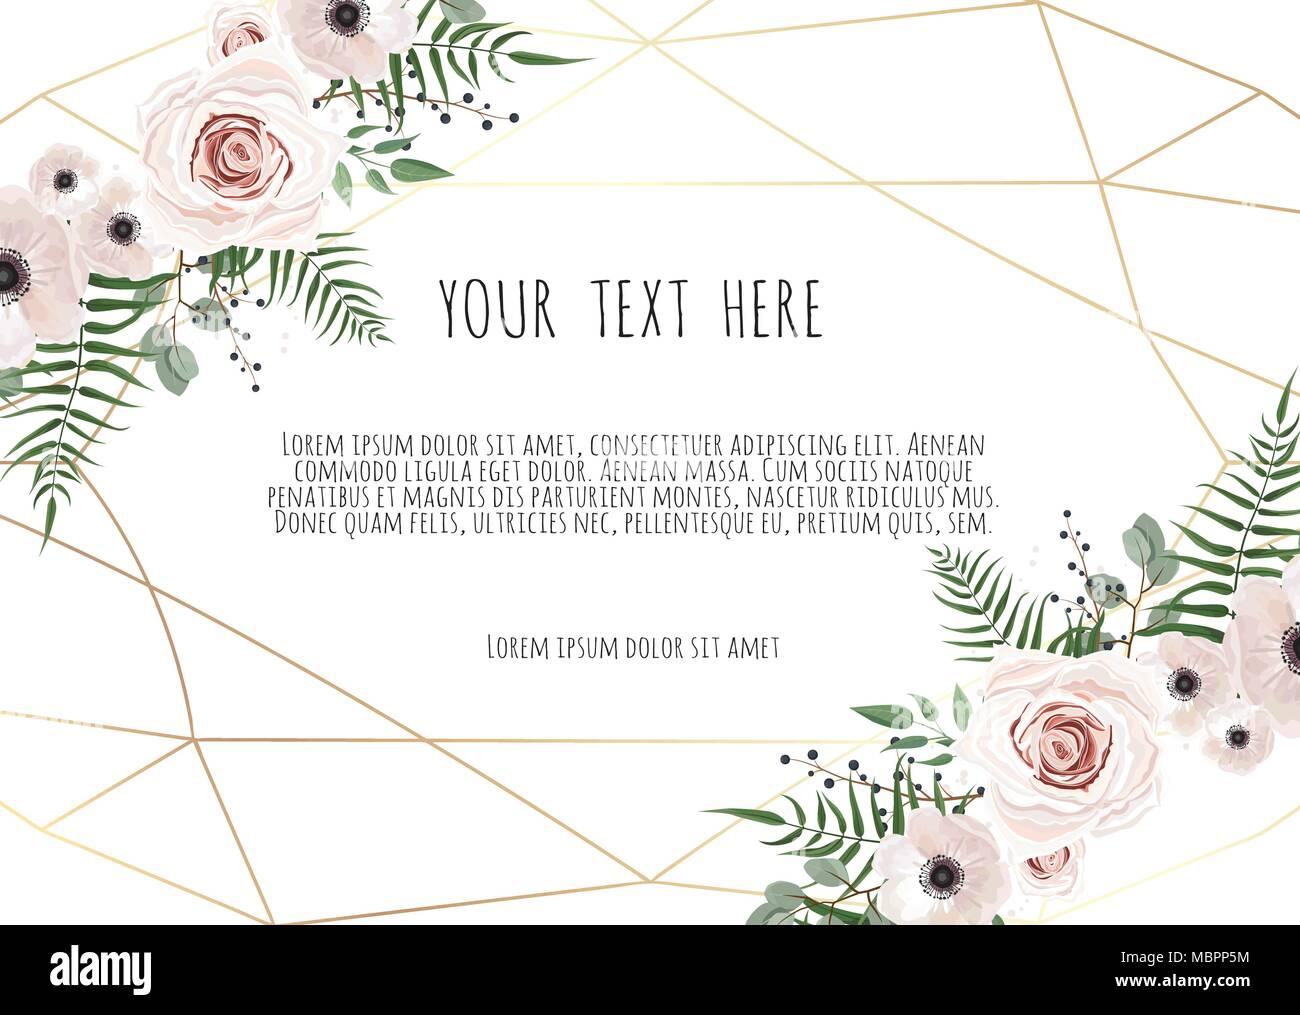 Vektor floral design Karte. Gruß, Postkarte Hochzeit Vorlage laden ...